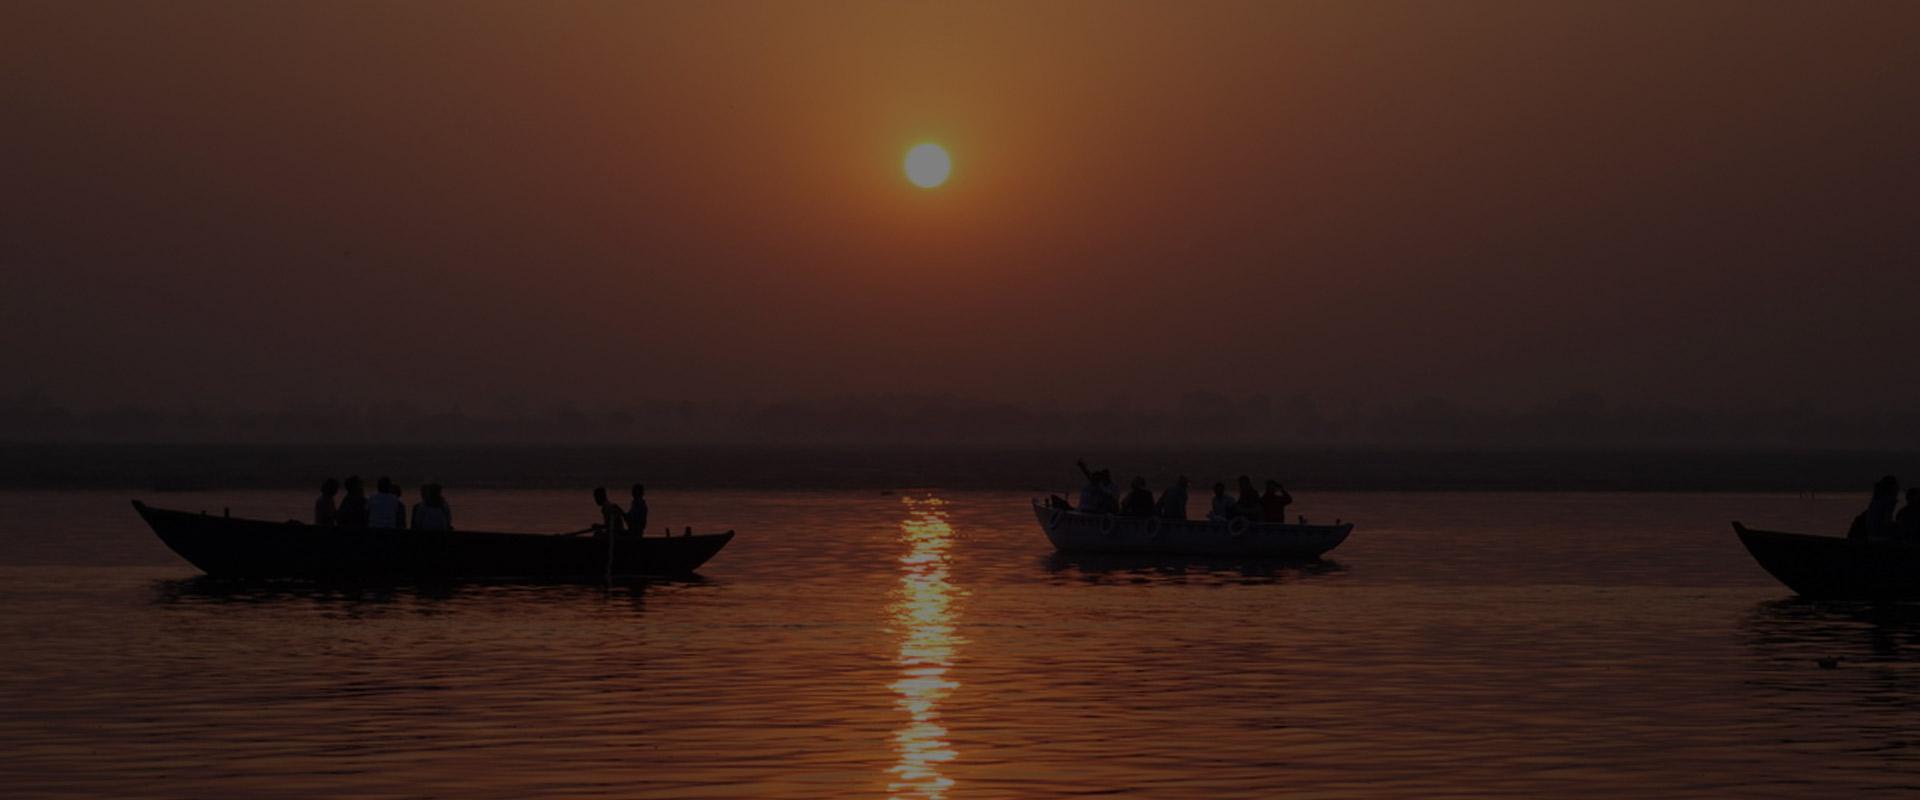 Sunset boat in Varanasi